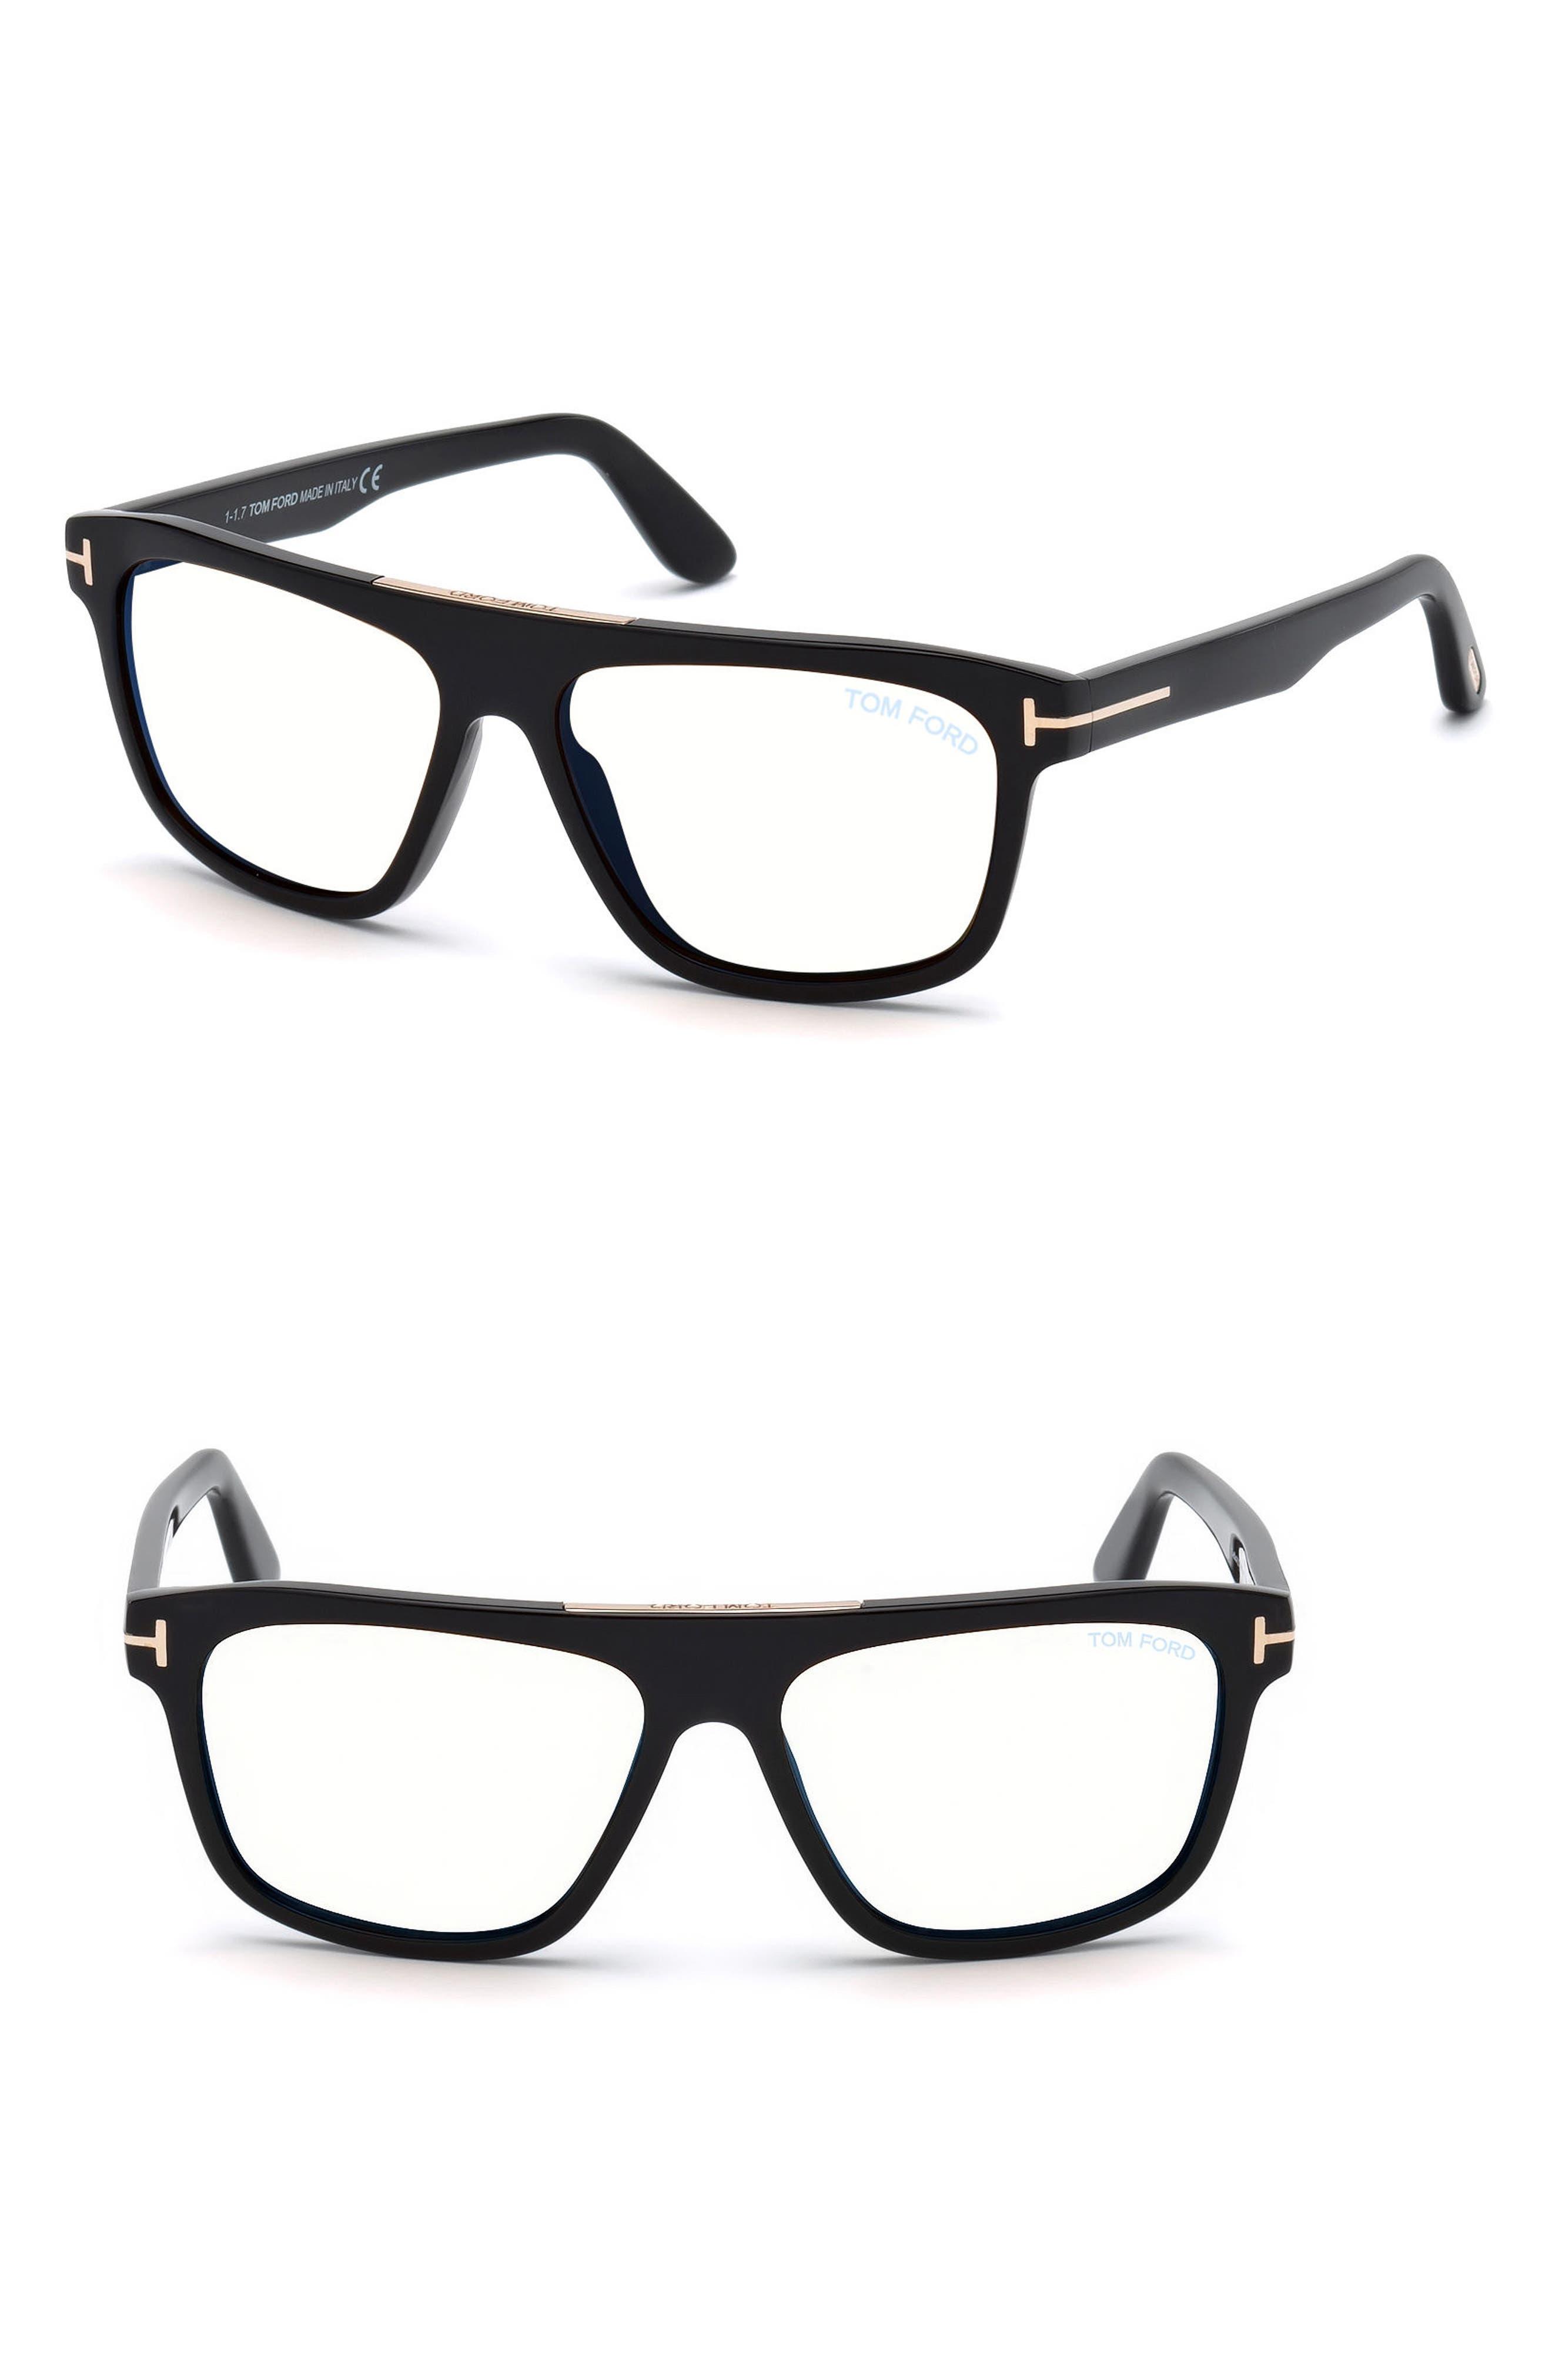 a4136155e0 Tom Ford Cecilio 57Mm Sunglasses - Shiny Black